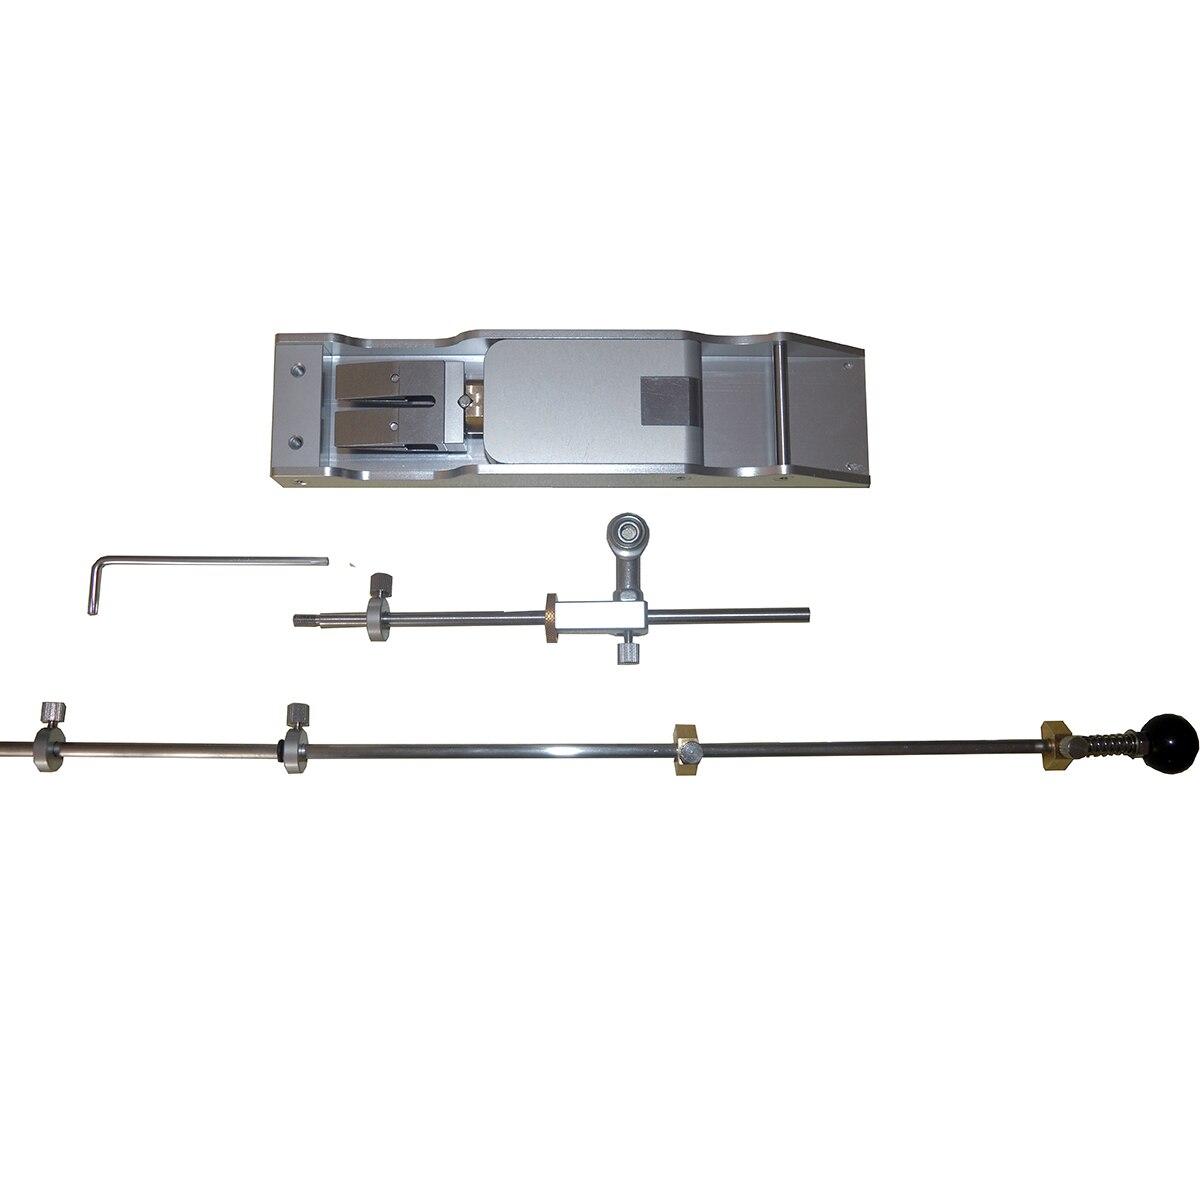 Os amantes de Acessórios de Cozinha Faca profissional Sharpener de Faca Afiação De Ferramentas De Máquina de Moagem dispositivo Pequeno ângulo